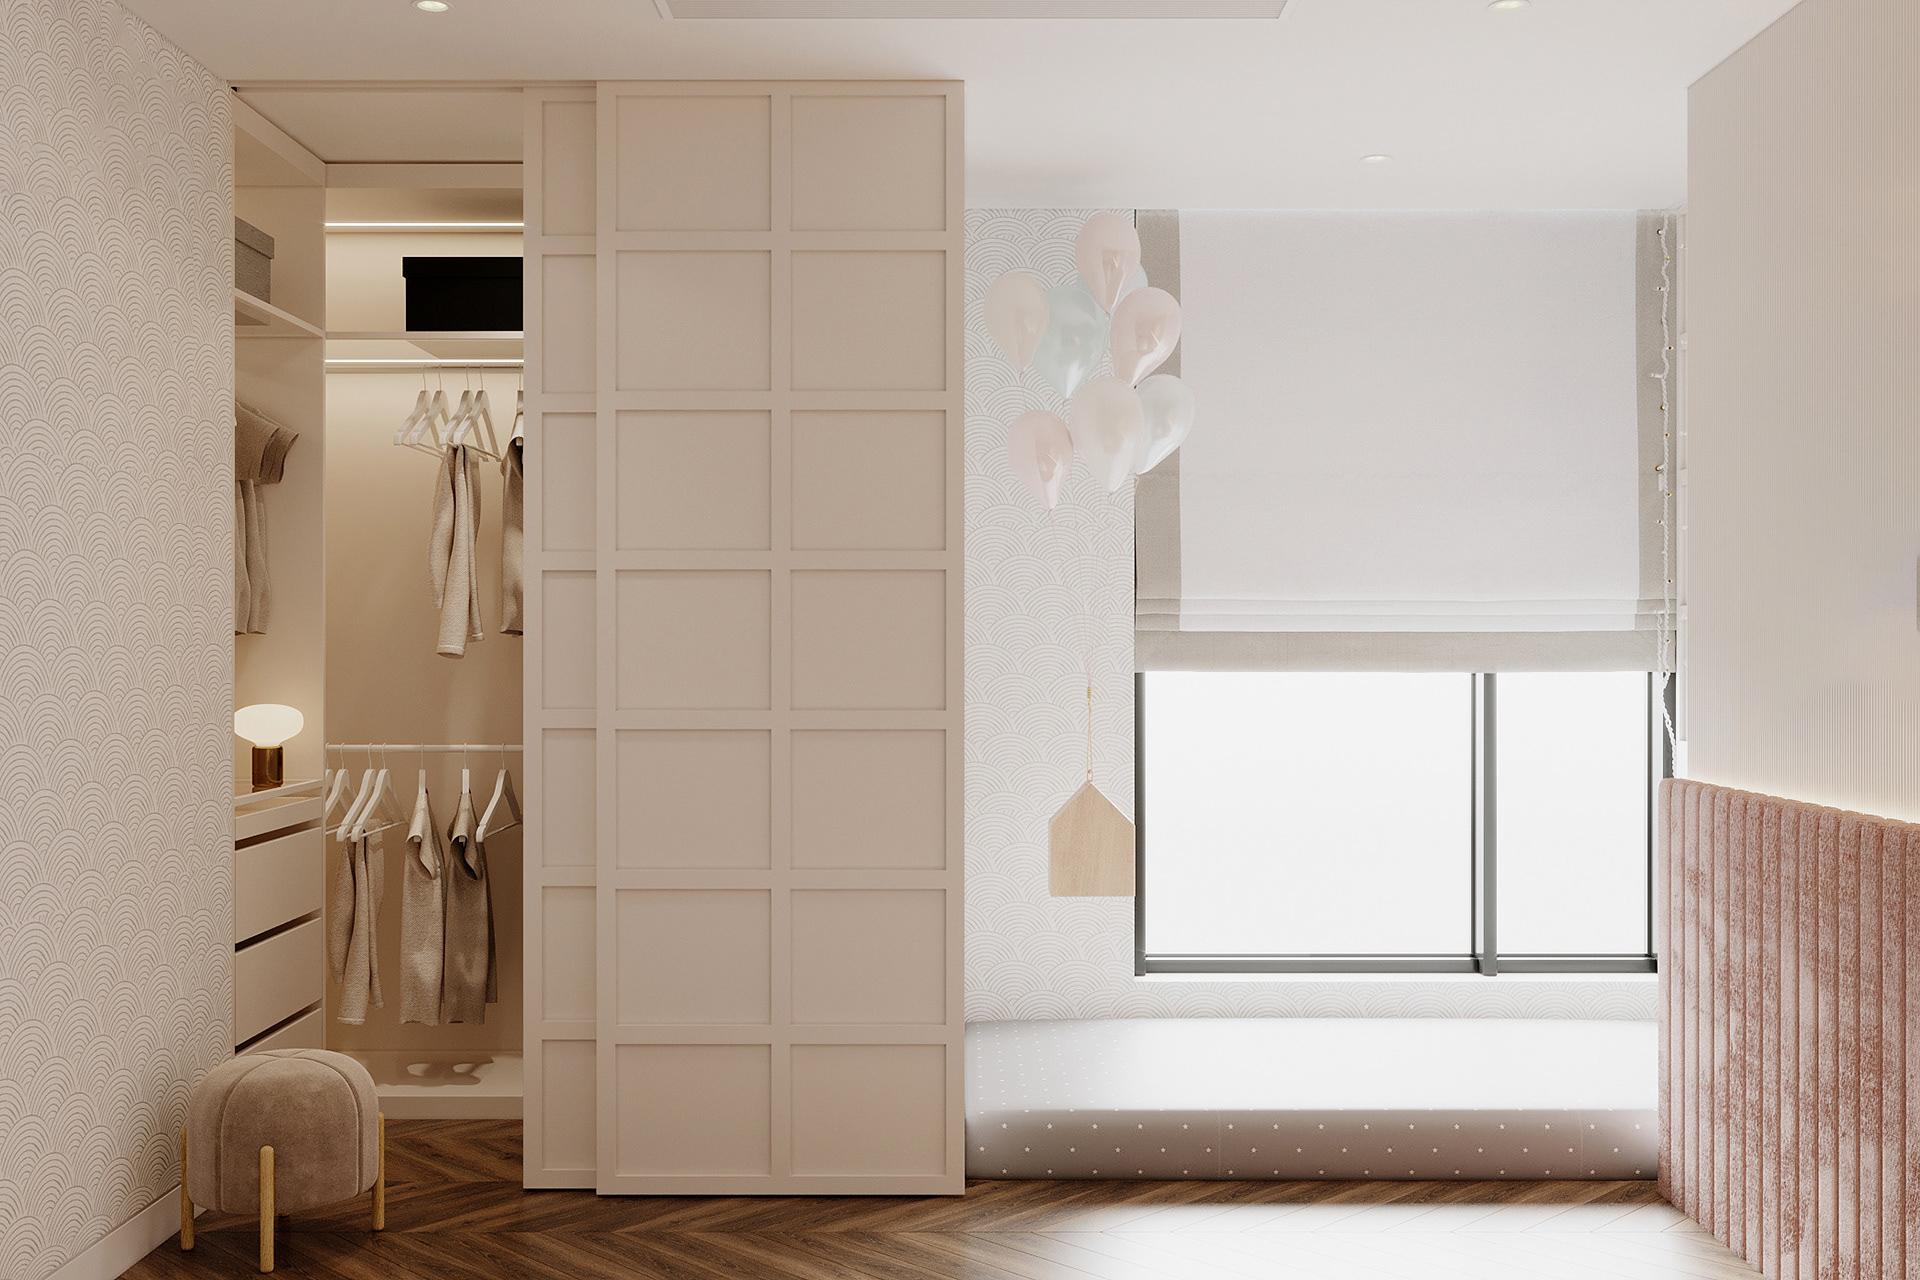 Tư vấn thiết kế nhà cấp 4 diện tích 60m² theo phong cách tối giản chi phí chỉ 150 triệu - Ảnh 9.